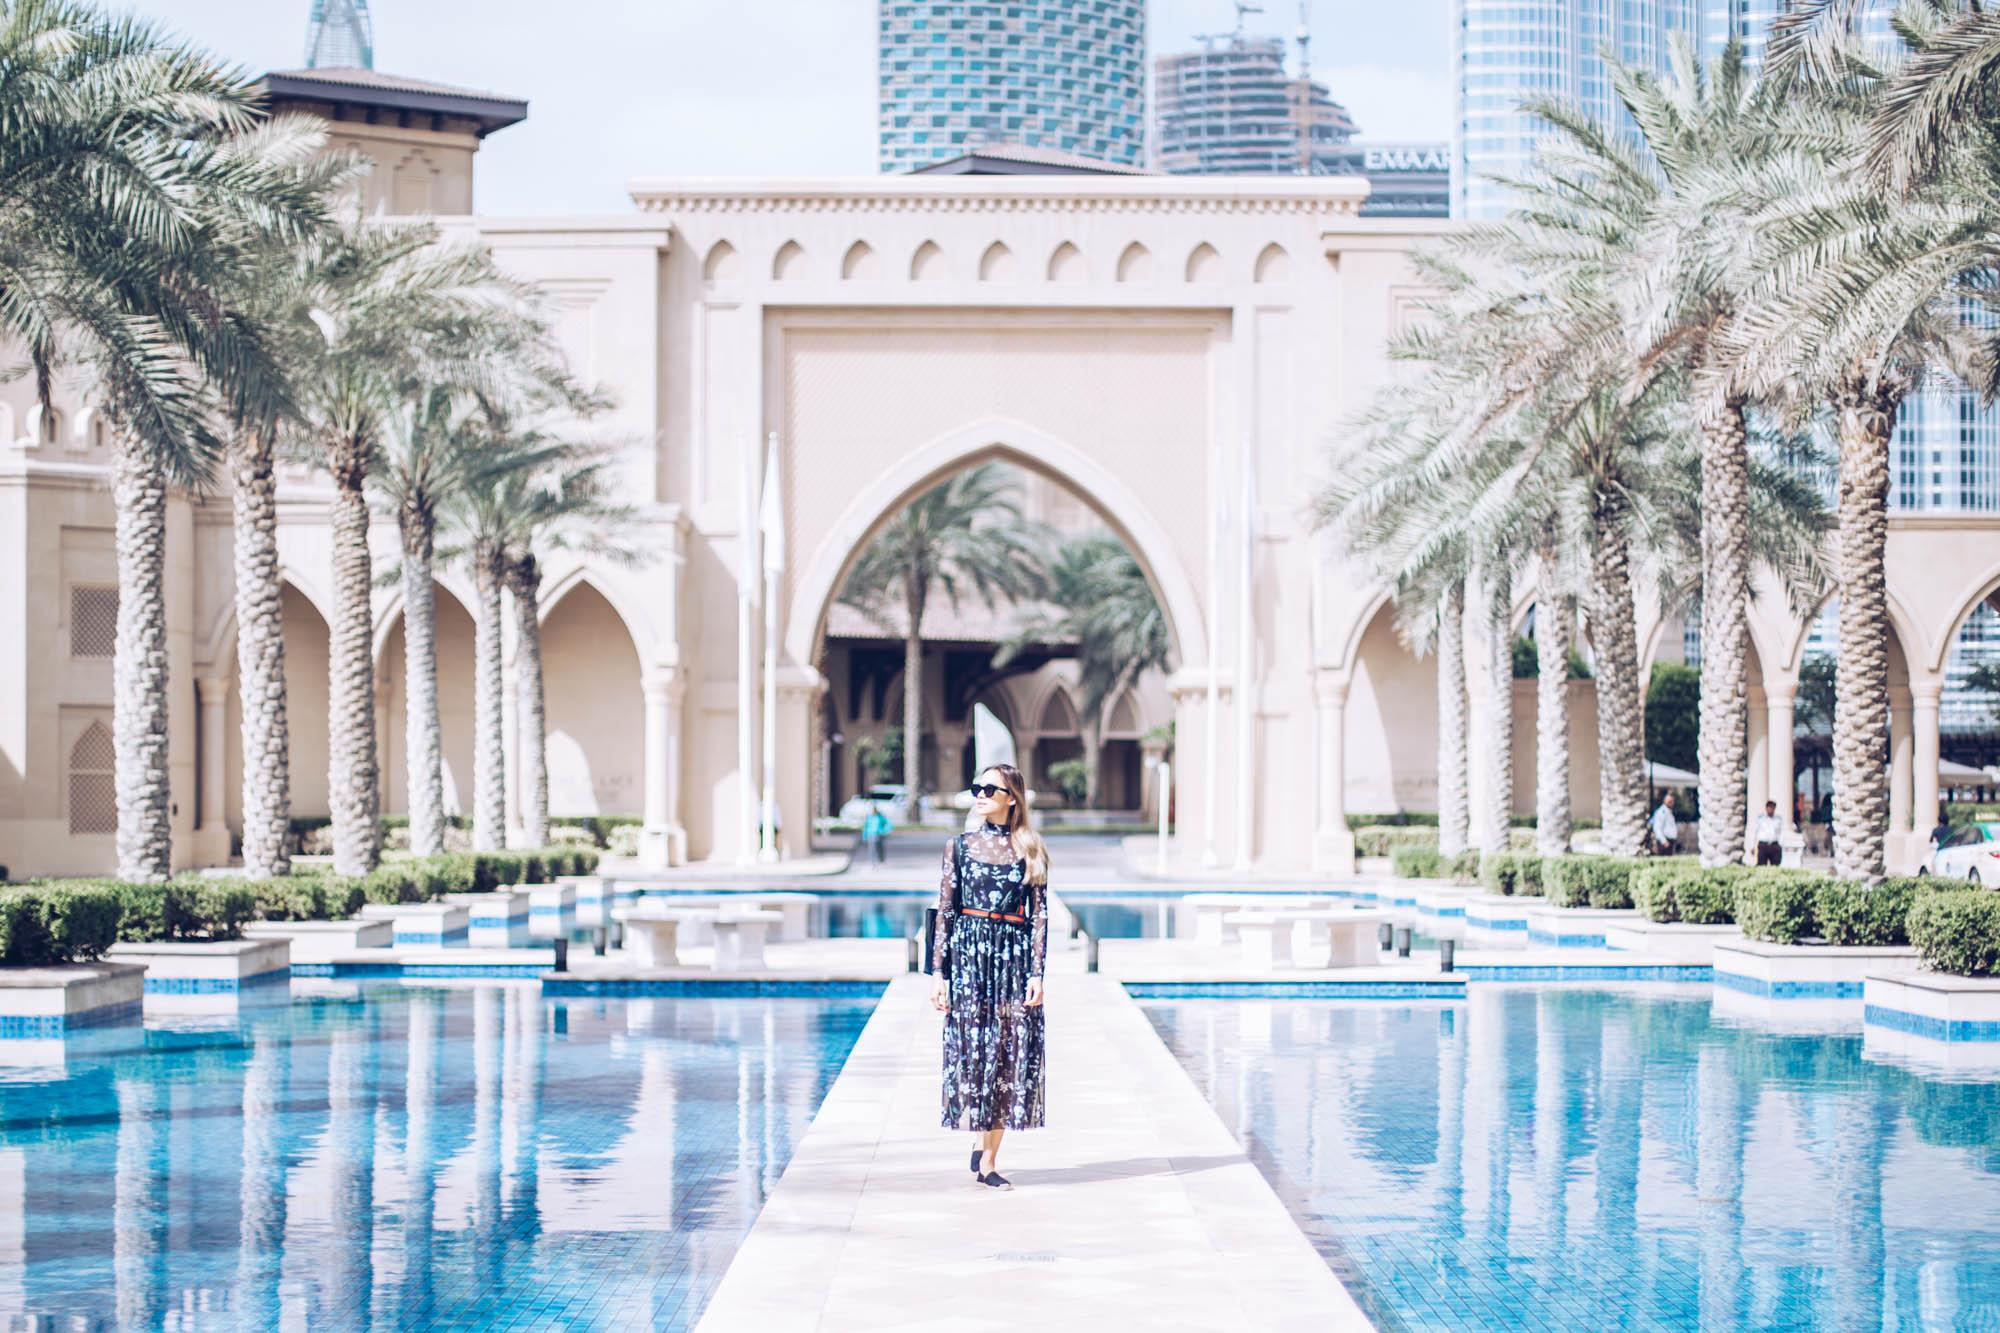 Dubai Palace